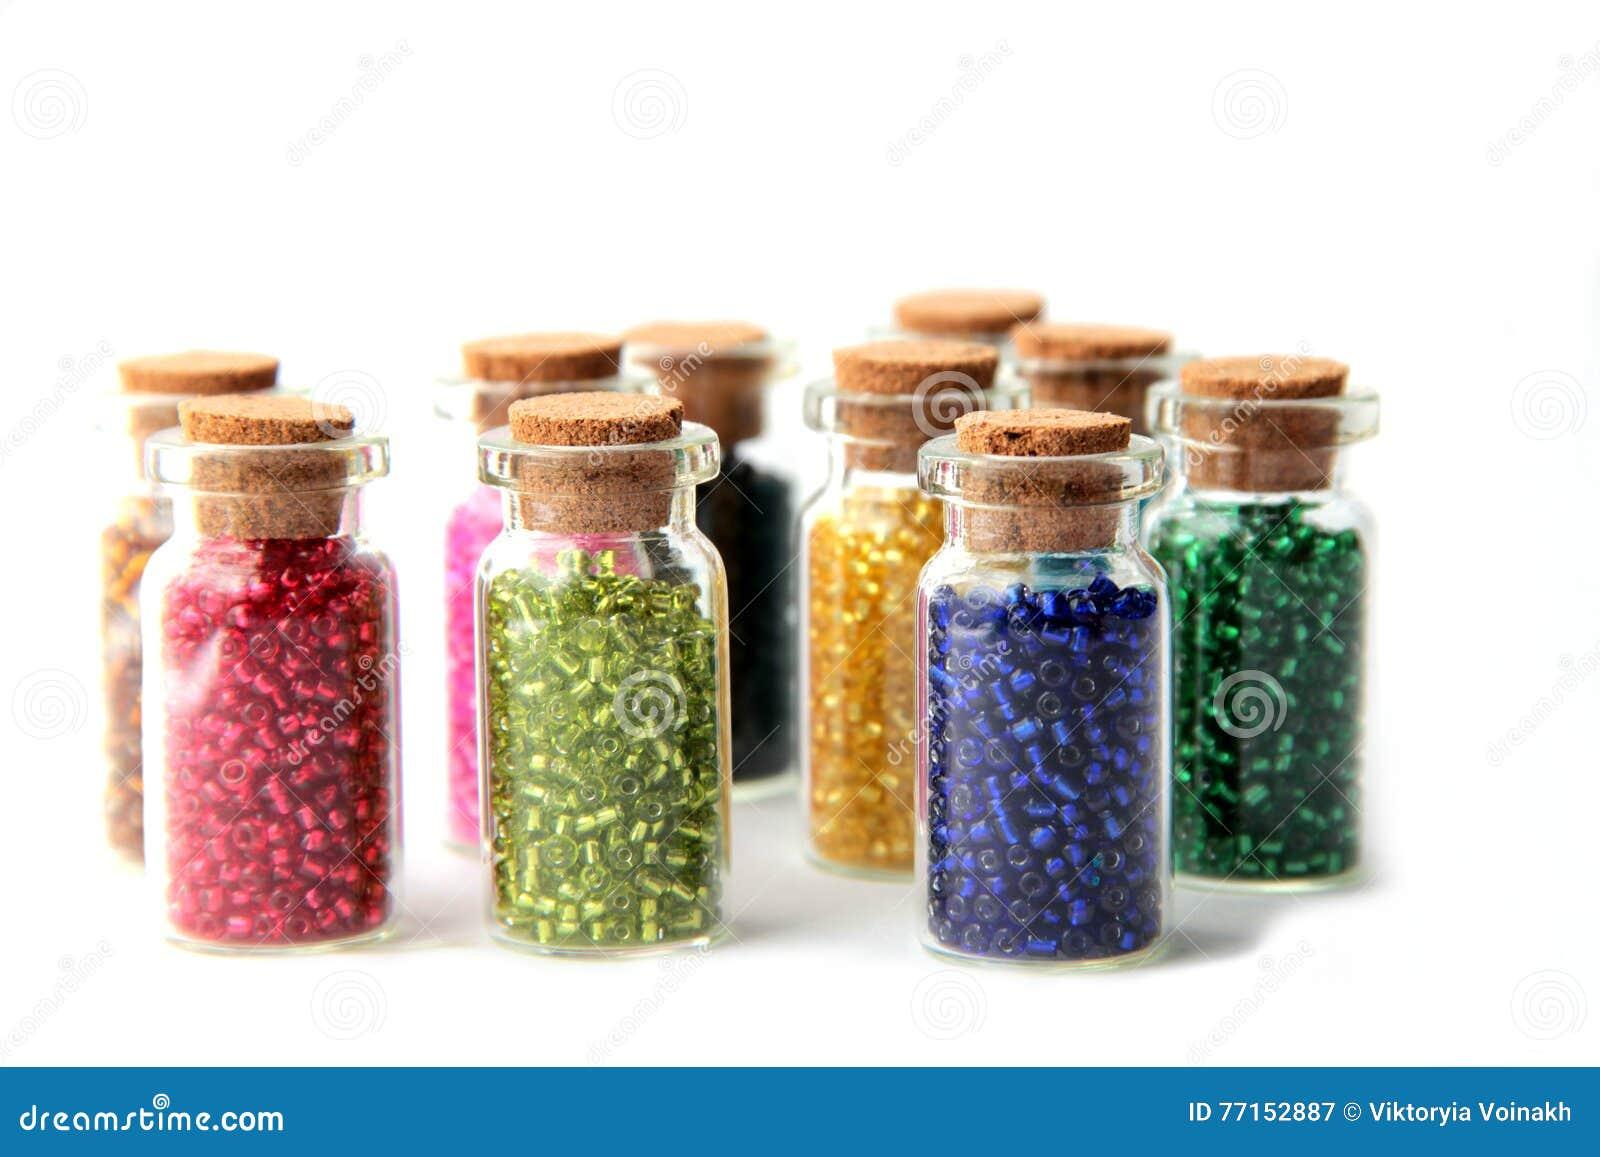 Bouteilles en verre remplies de perles